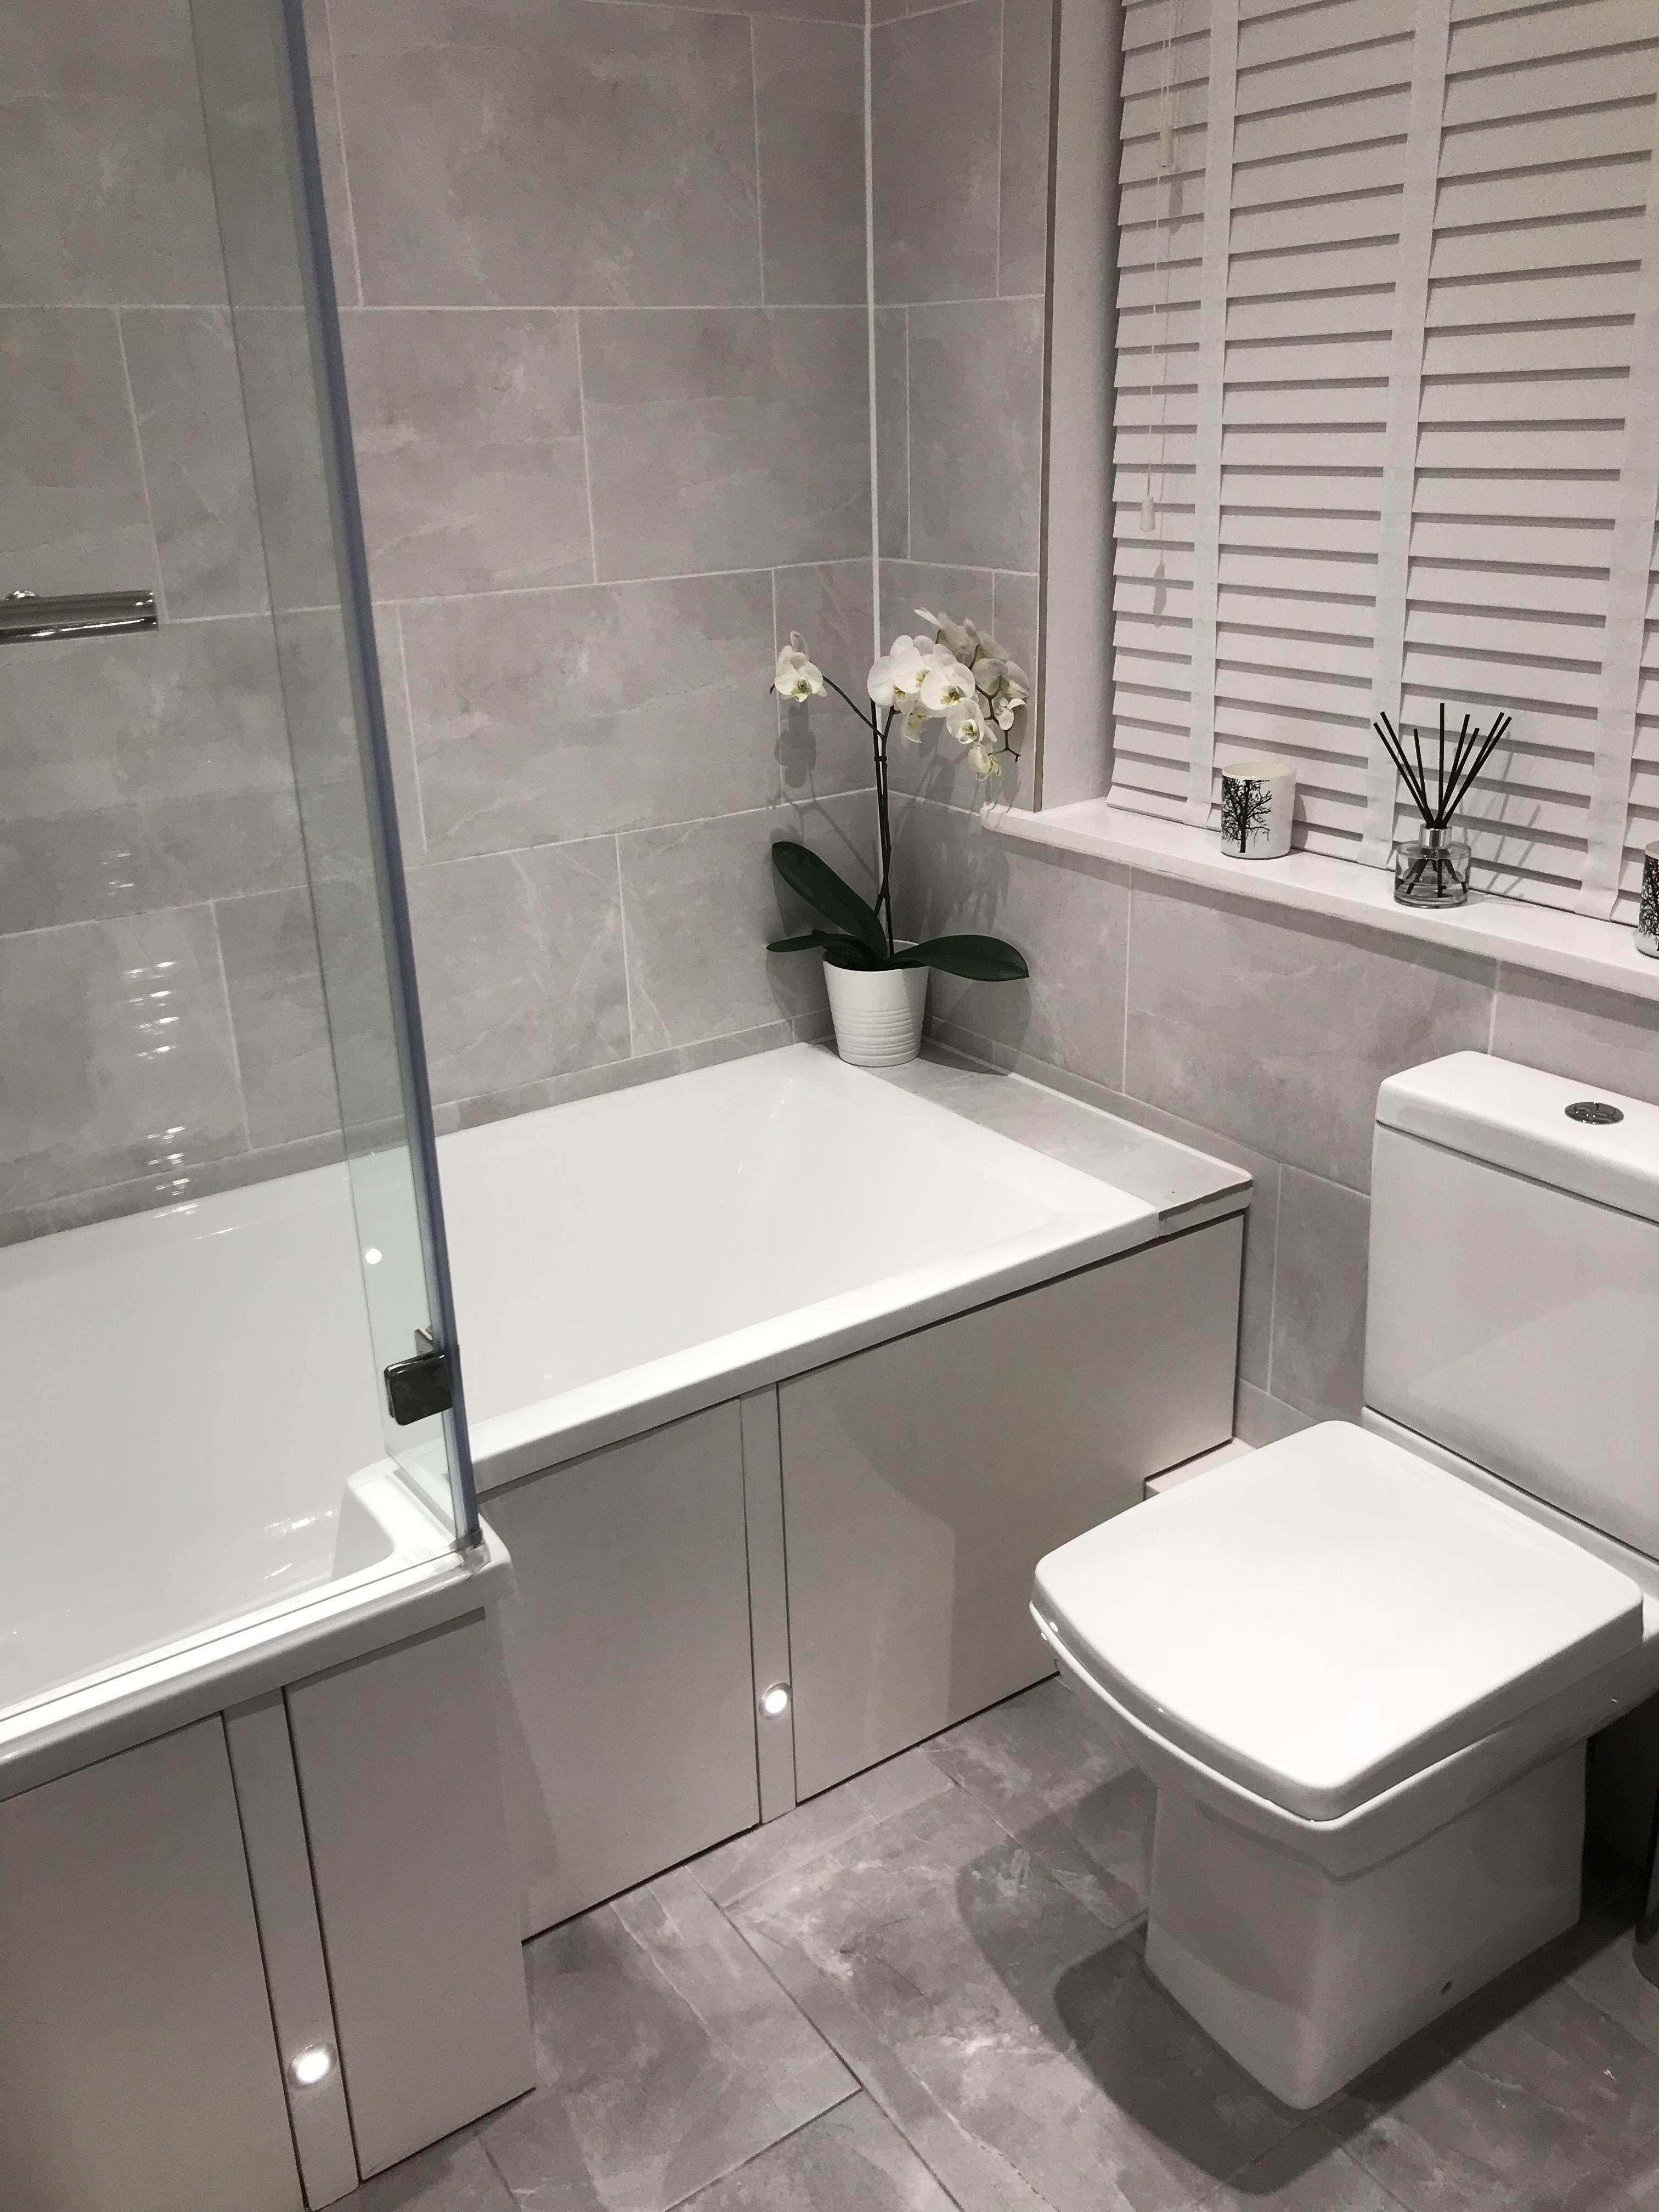 SmallBathroomLayoutDrawing | Bathroom Design Small, Small Bathroom, Bathroom Design